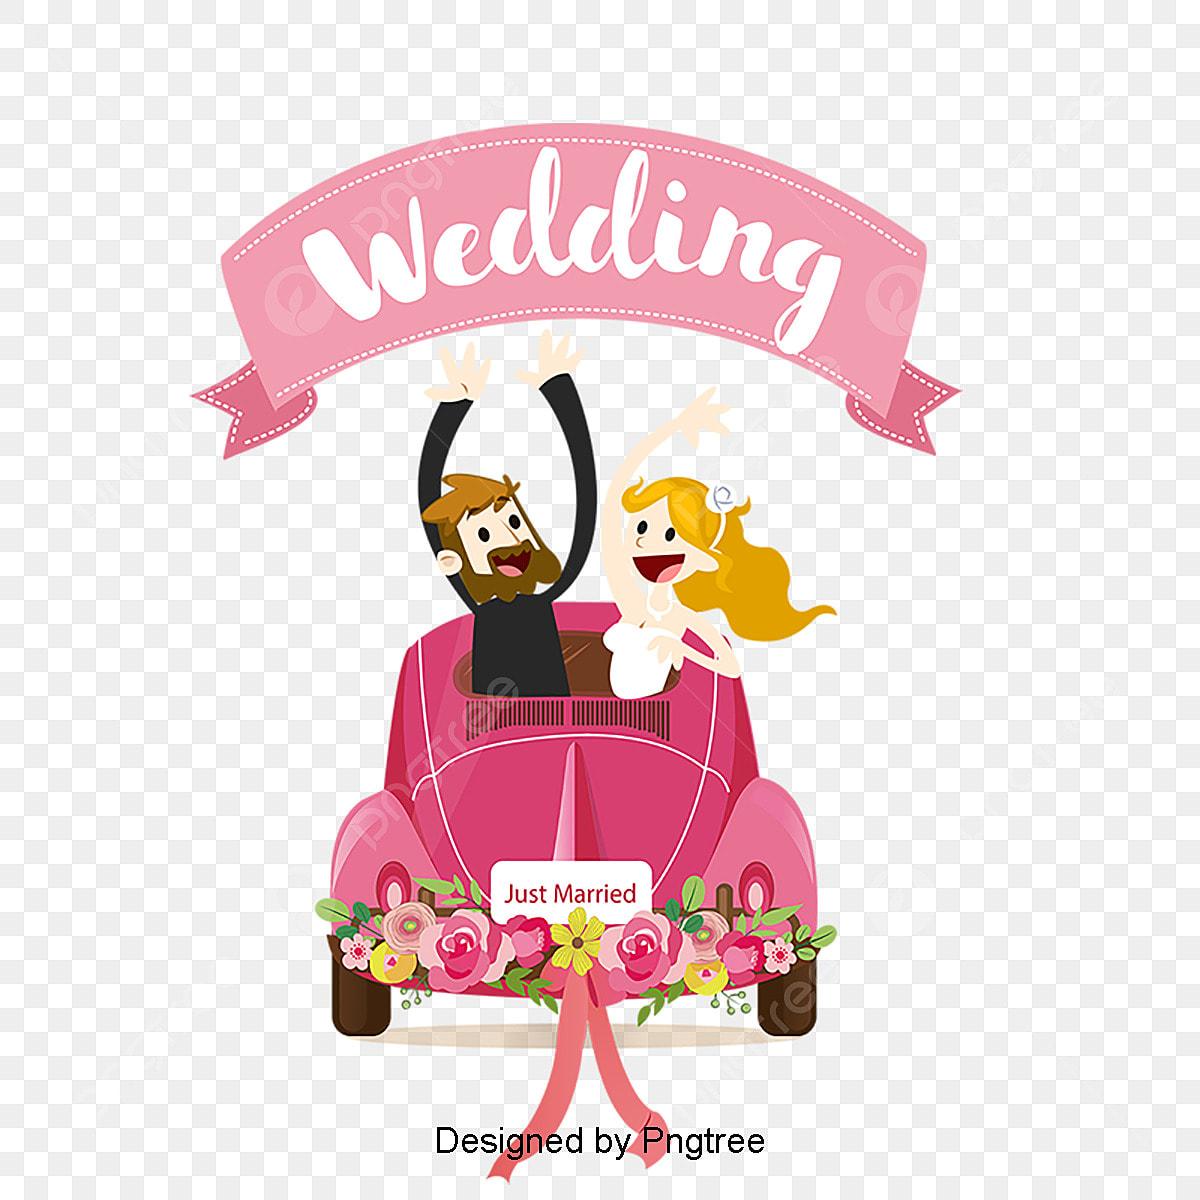 Kartun Kereta Perkahwinan Latar Belakang Bahan Vektor